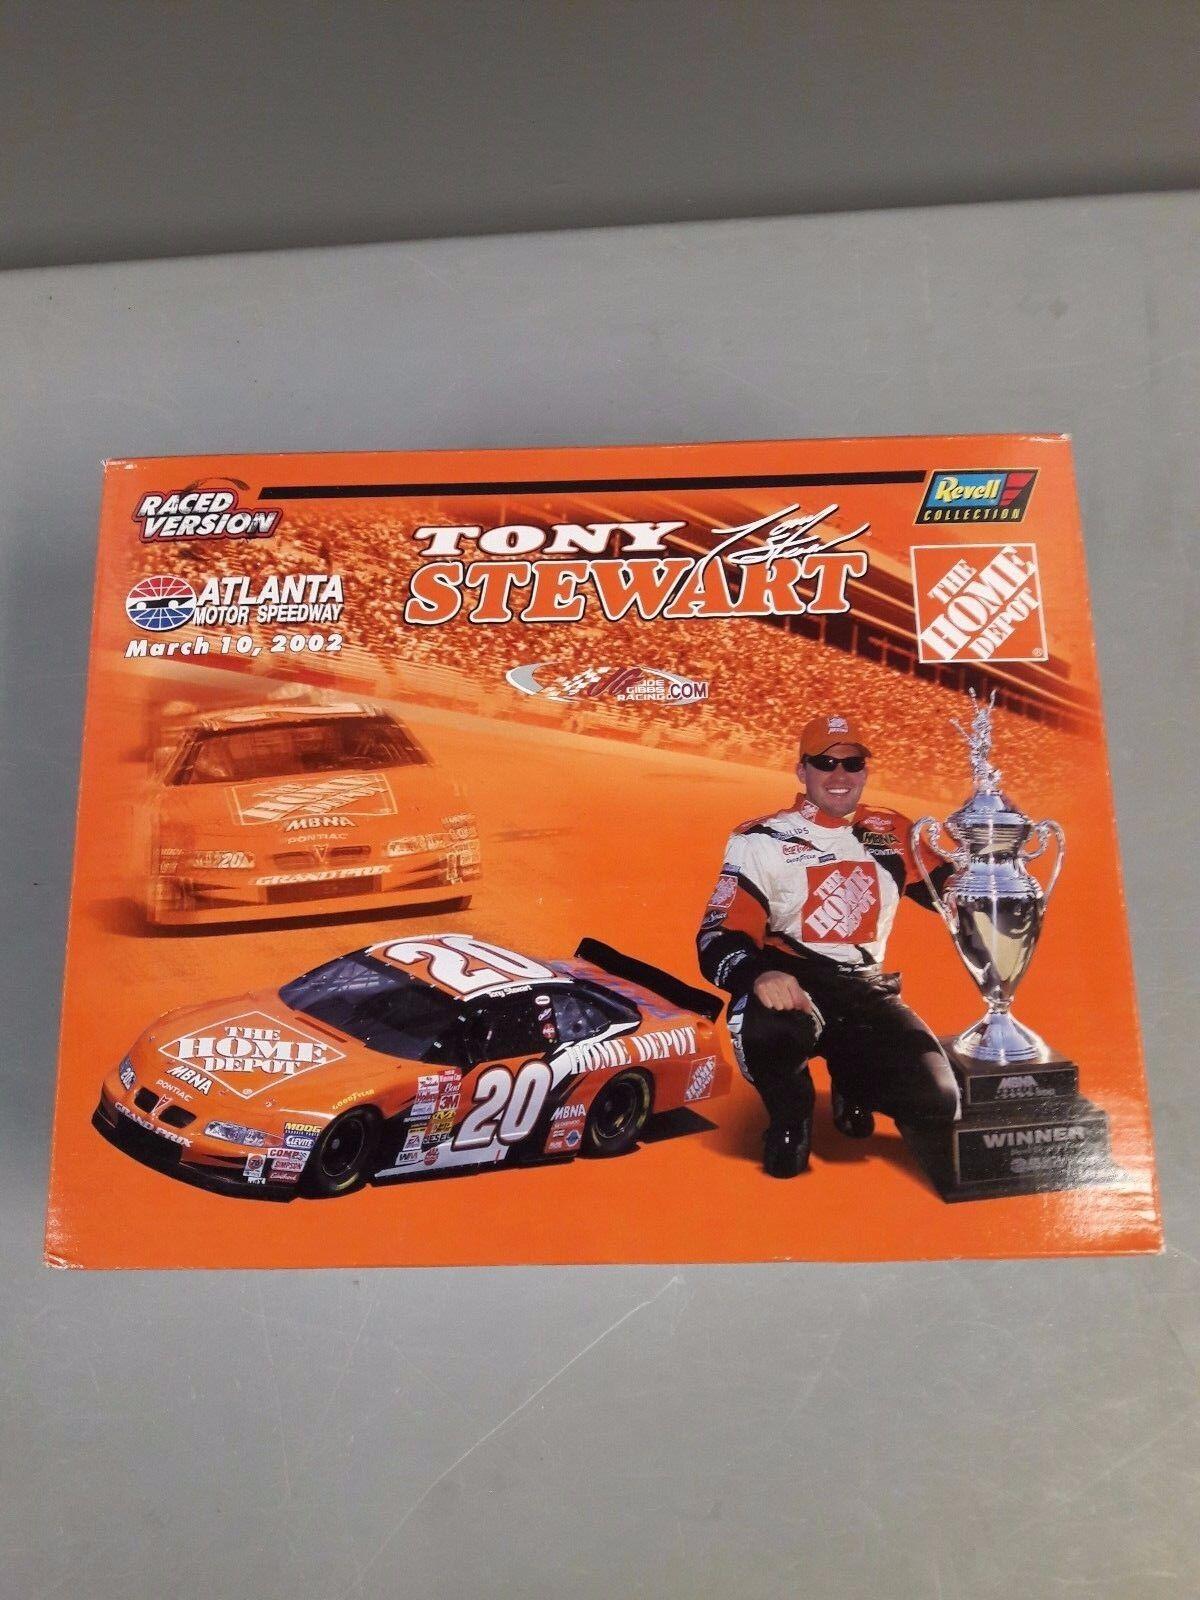 TONY Stewart 2002 Atlanta WIN CORSO VERSIONE HOME Depot con Btuttierino C22